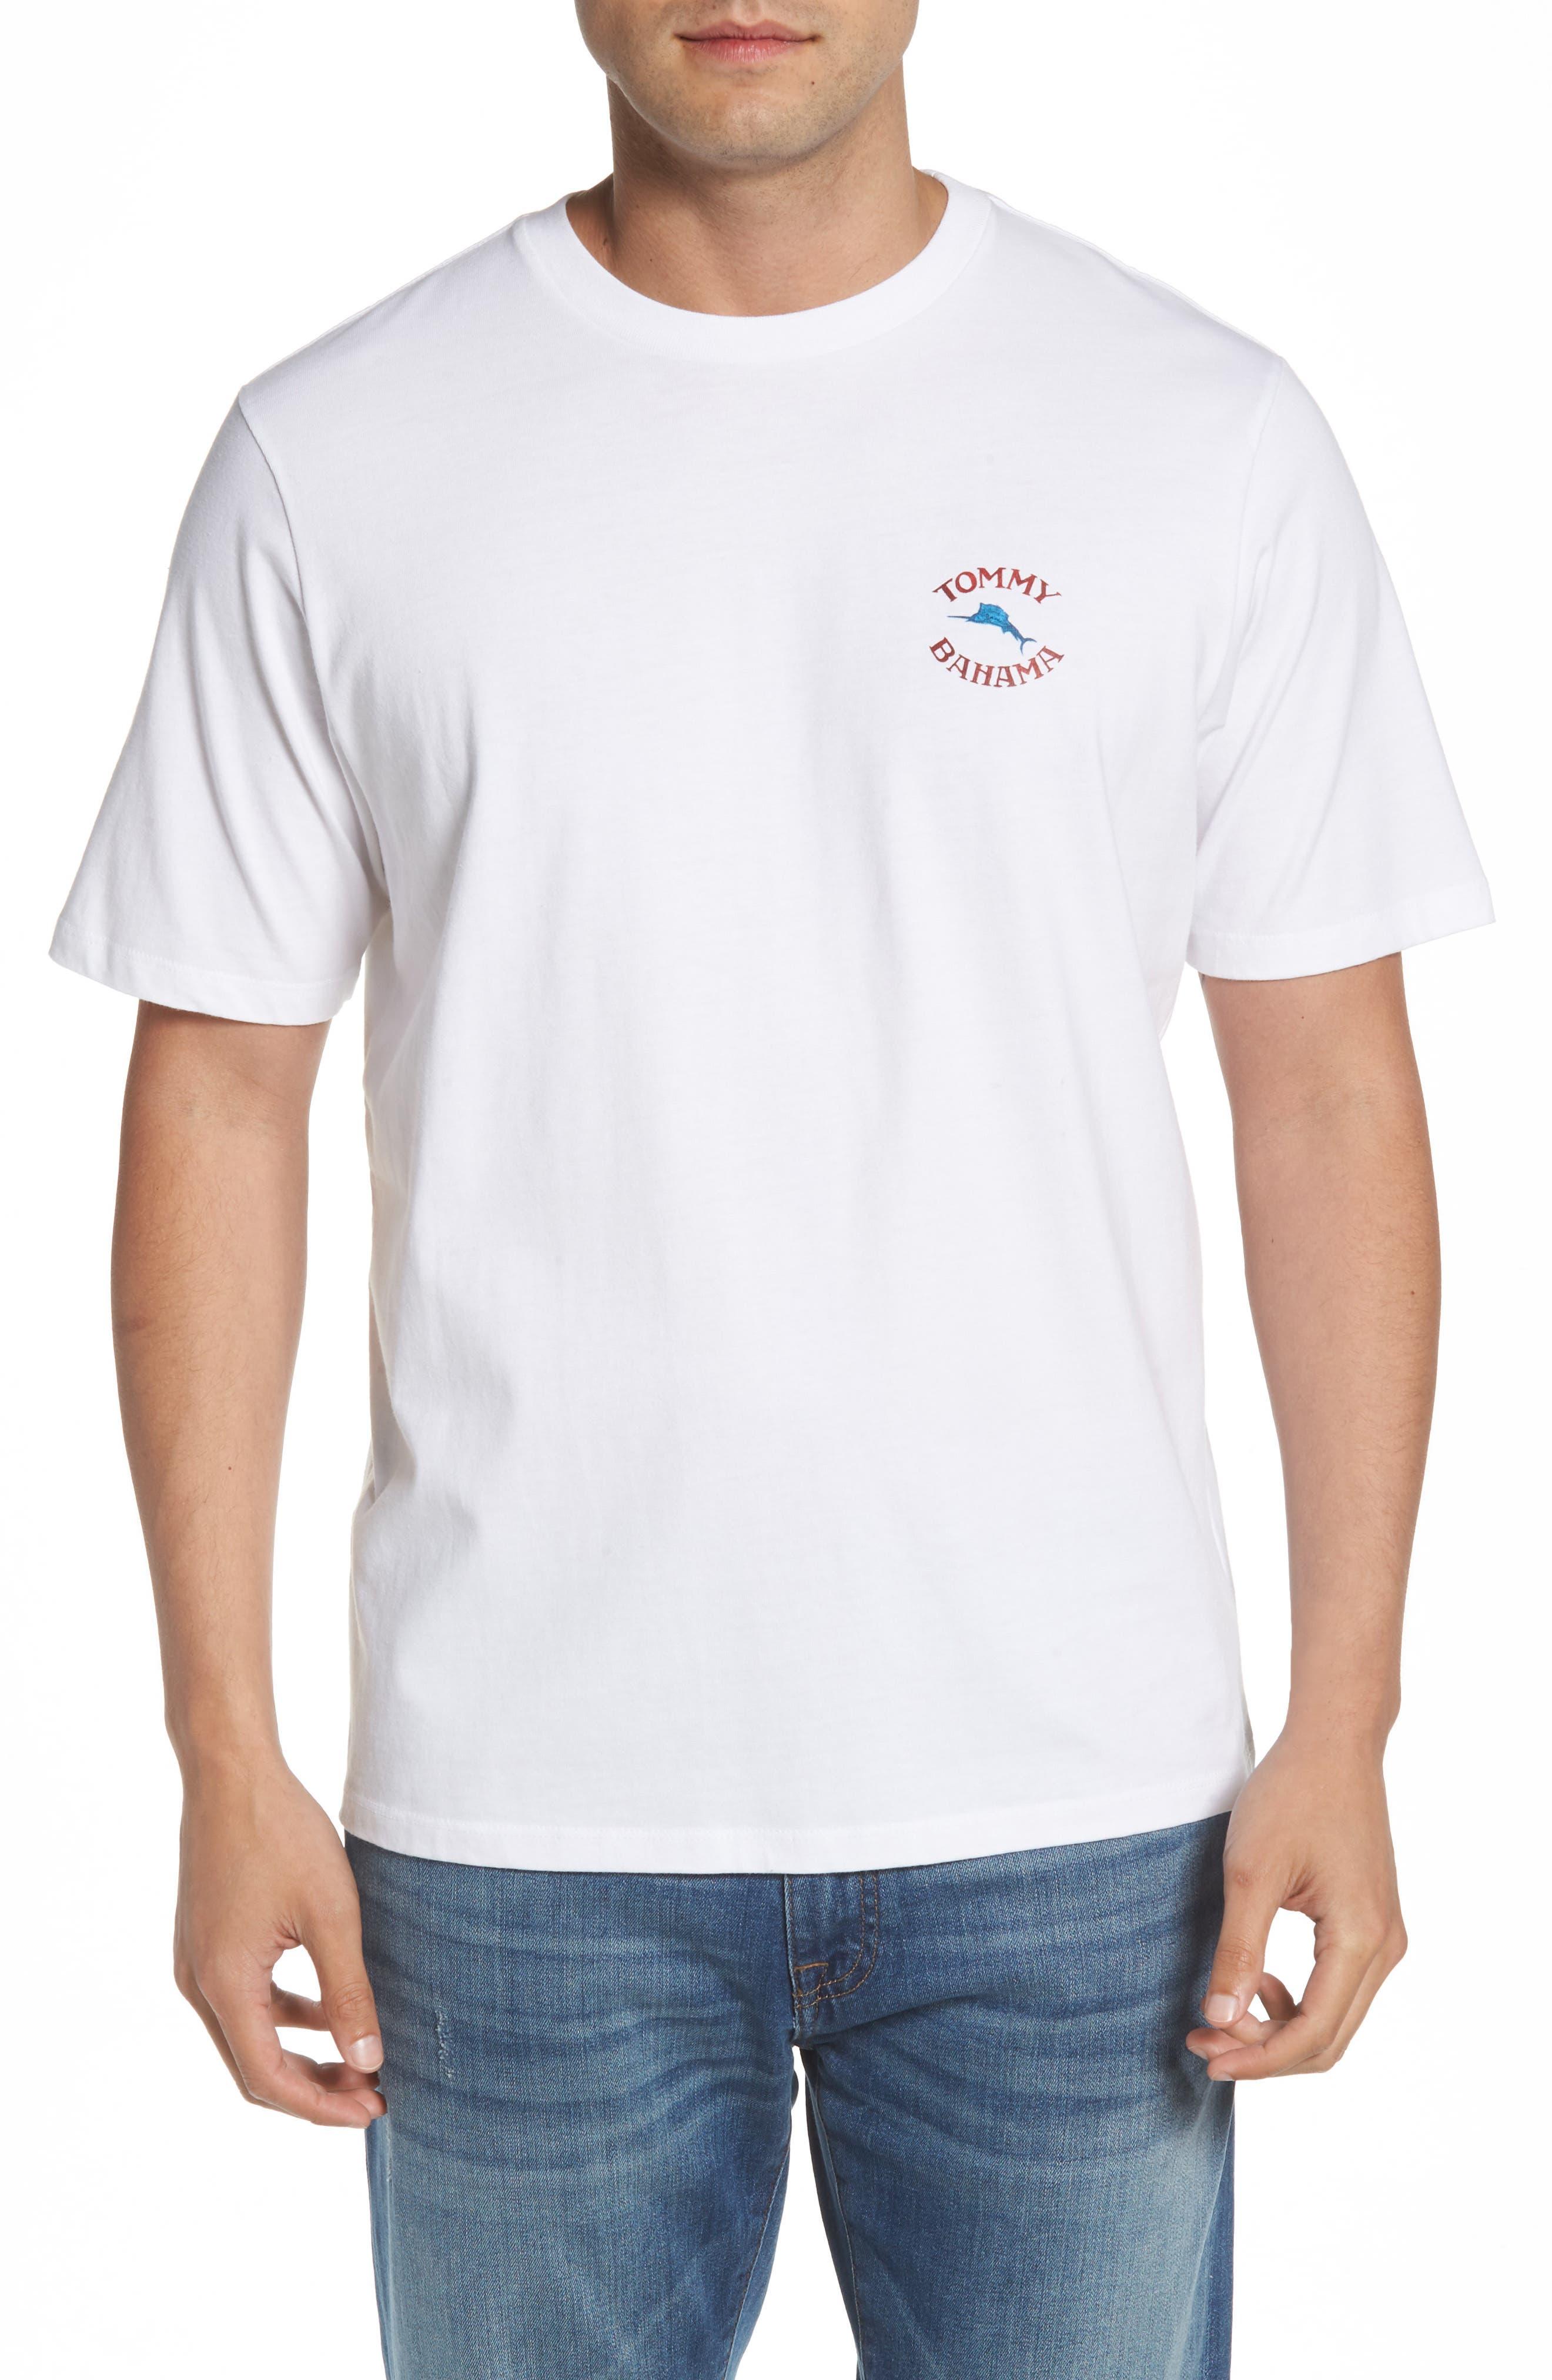 Pail-Eo Diet T-Shirt,                         Main,                         color, White